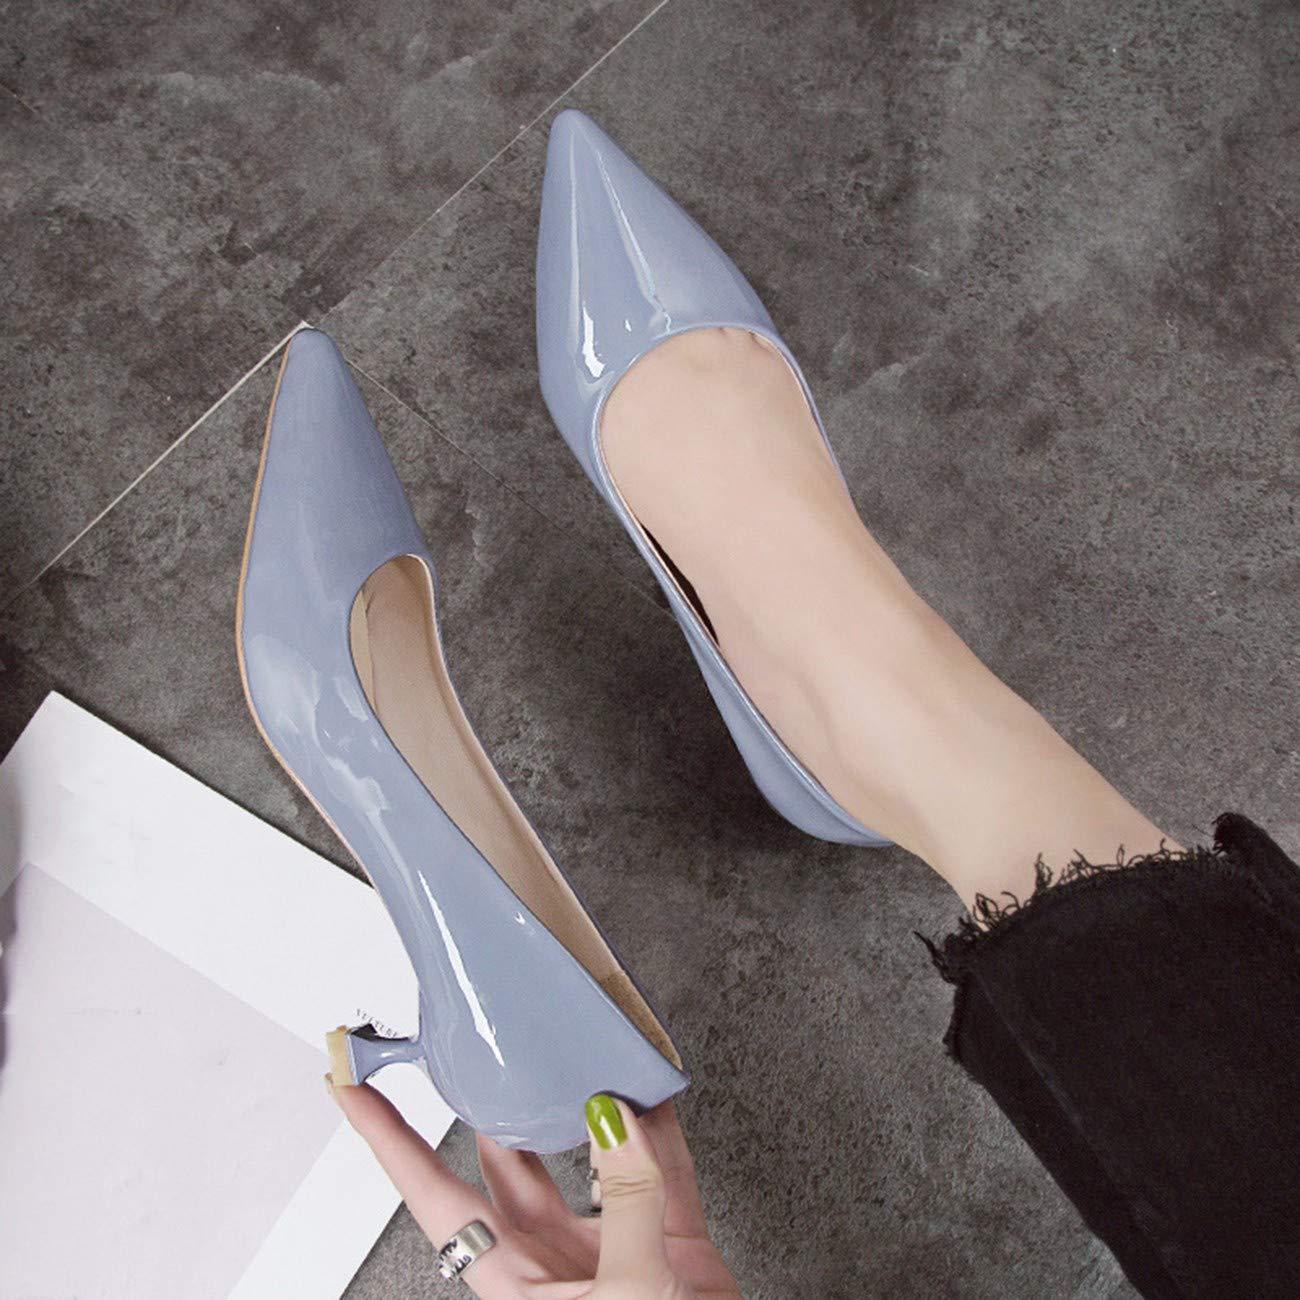 QPGGP-schuhe einzelne Schuh hat Flache einfach Damenschuhe mit mittleren Ferse mäulern und Ferse sind einfach Flache gut und vielseitig 8a5c59